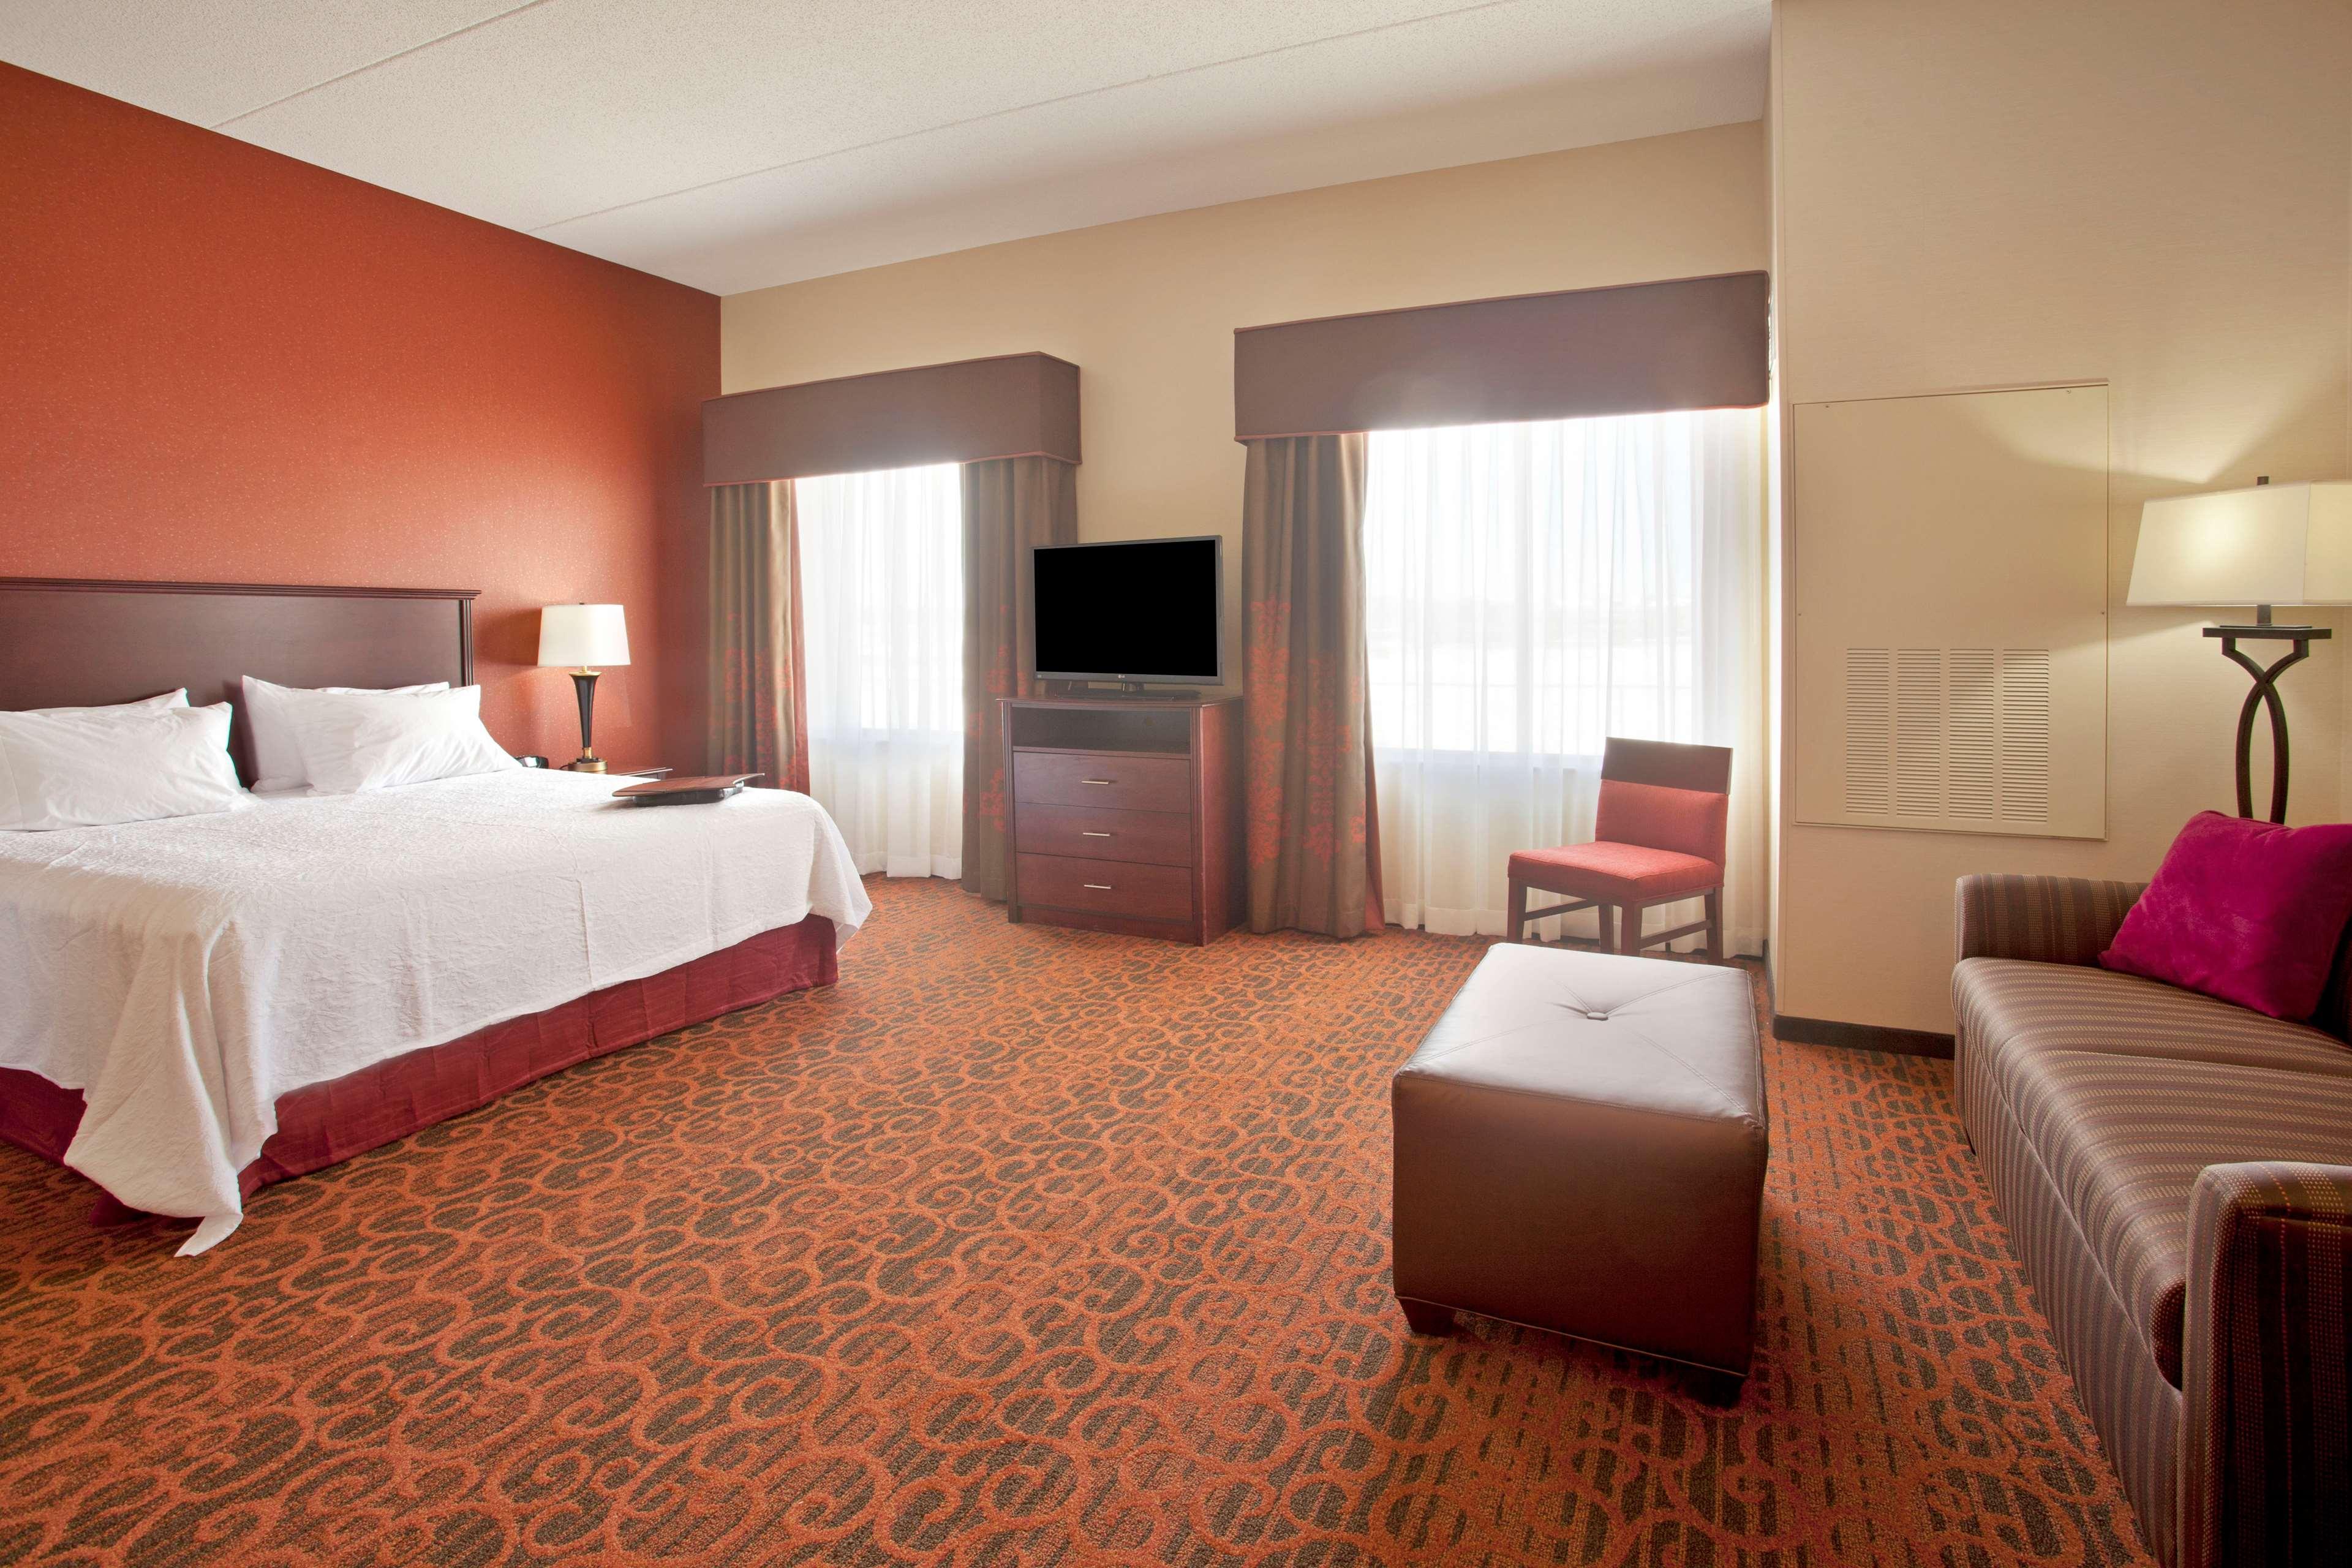 Hampton Inn Suites Minneapolis St Paul Arpt-Mall of America image 20